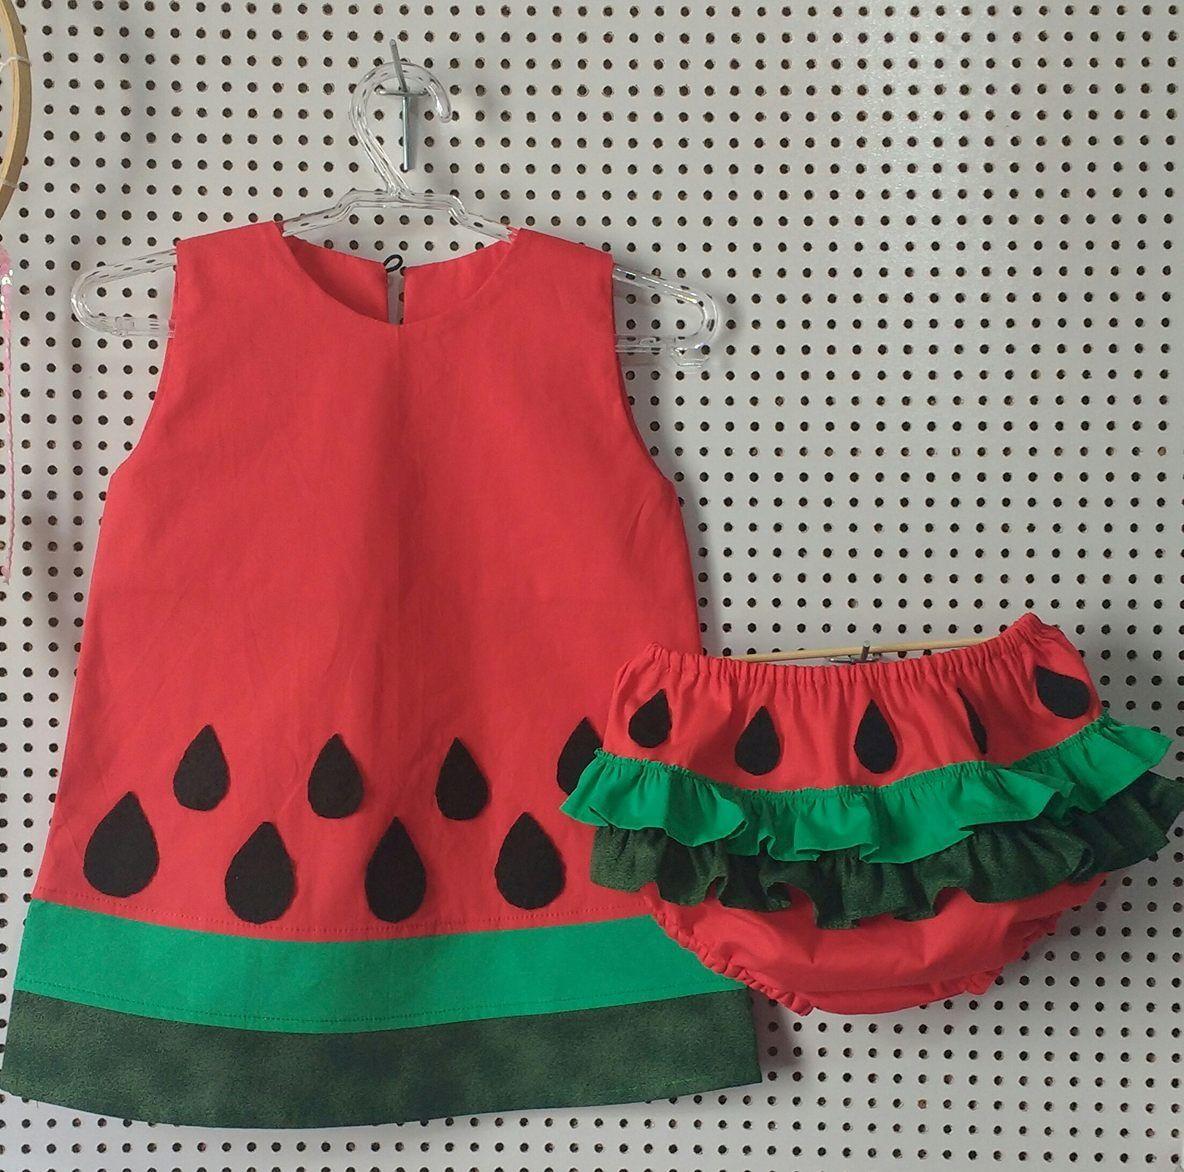 924bfdcf8e83 Vestido trapézio melancia, feito em tecido 100% algodão e sementes bordadas  em feltro. Calcinha em tecido 100% algodão, com babados e elásticos nas  pernas e ...